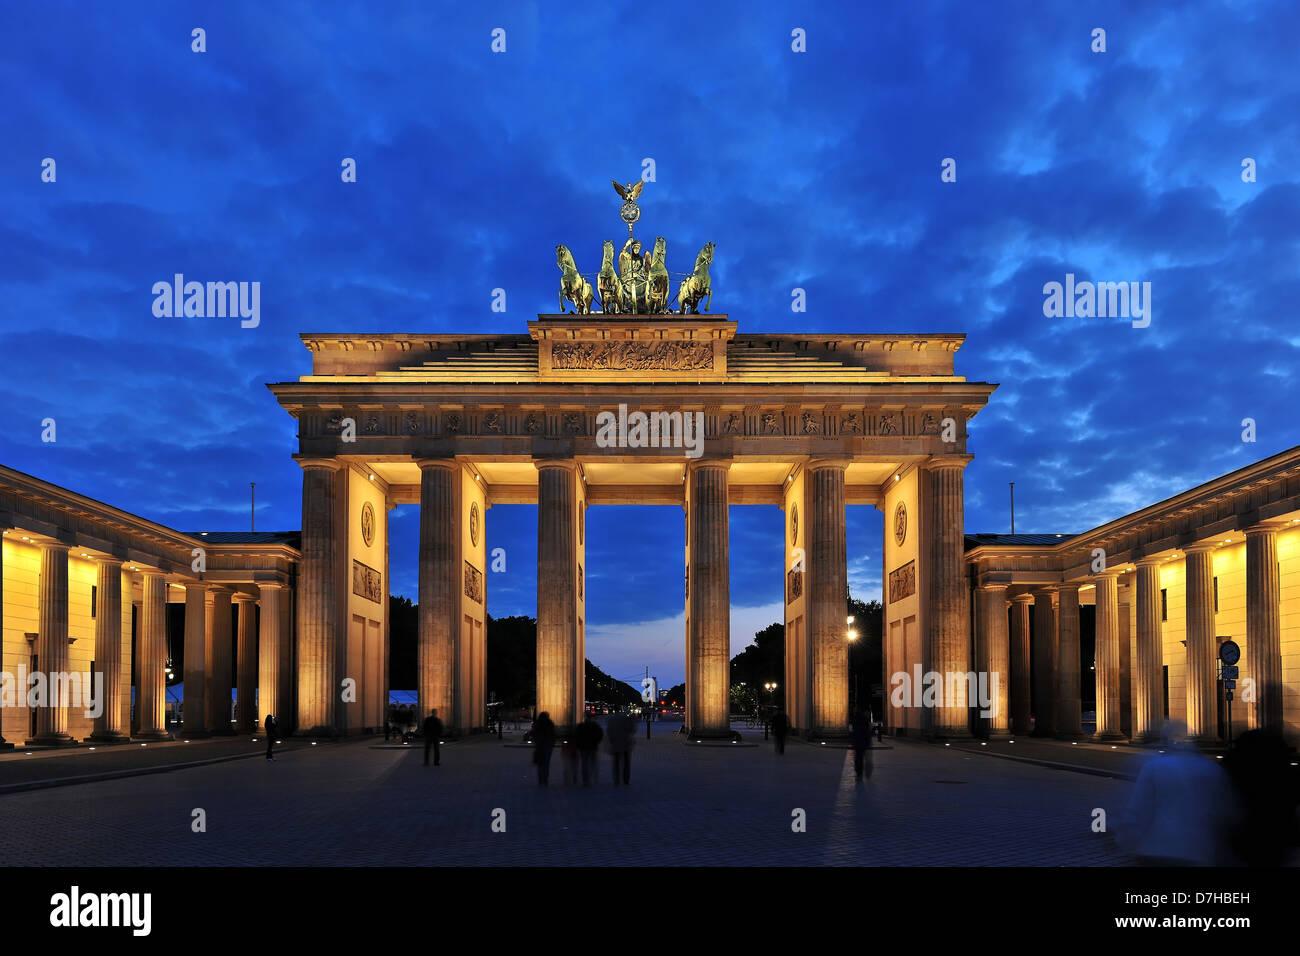 La porte de Brandebourg à Berlin dans la nuit Photo Stock